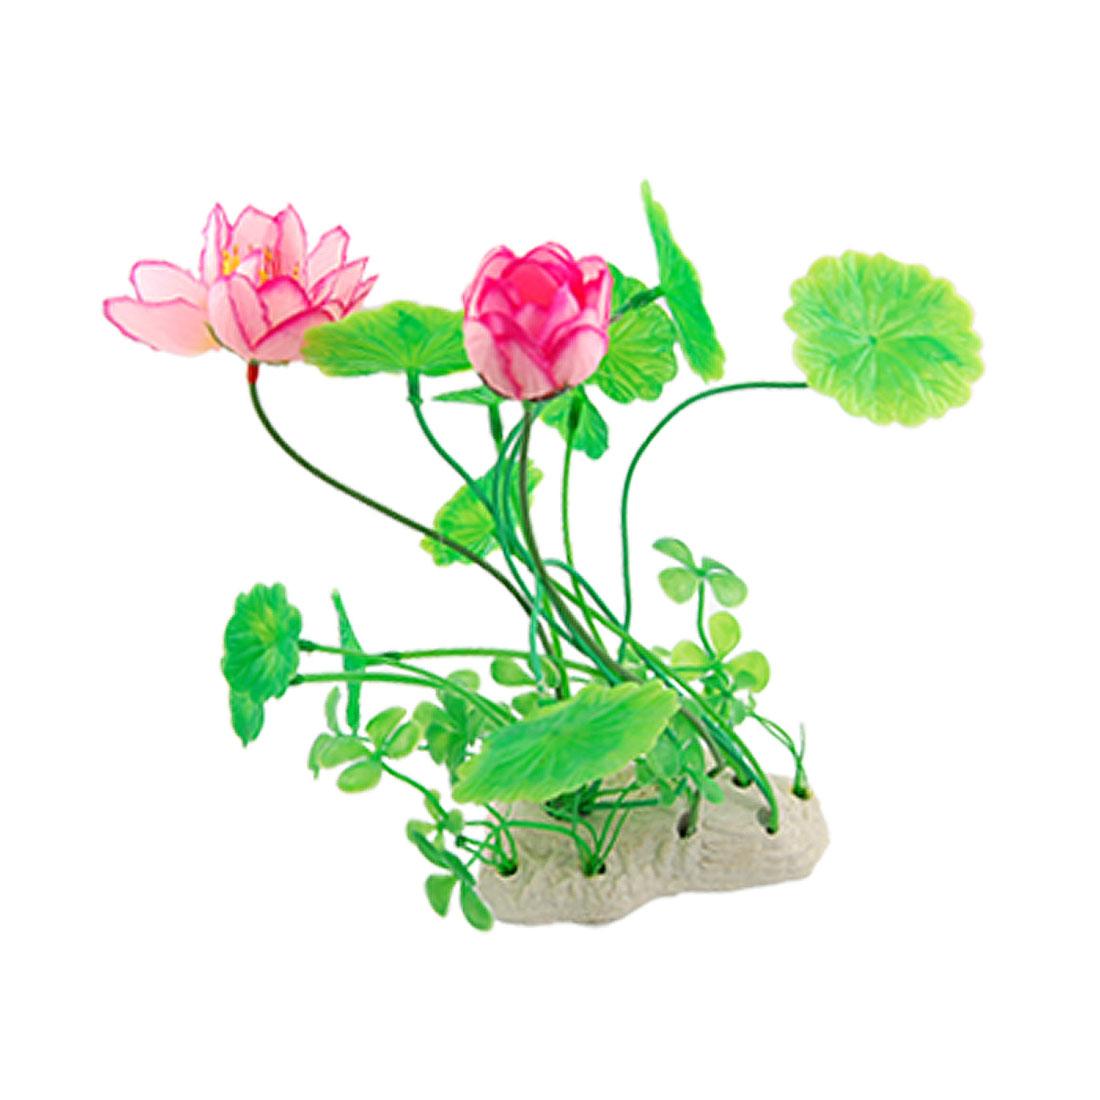 Aquarium Ornament Underwater Plastic Lotus Aquatic Plant Pink Green